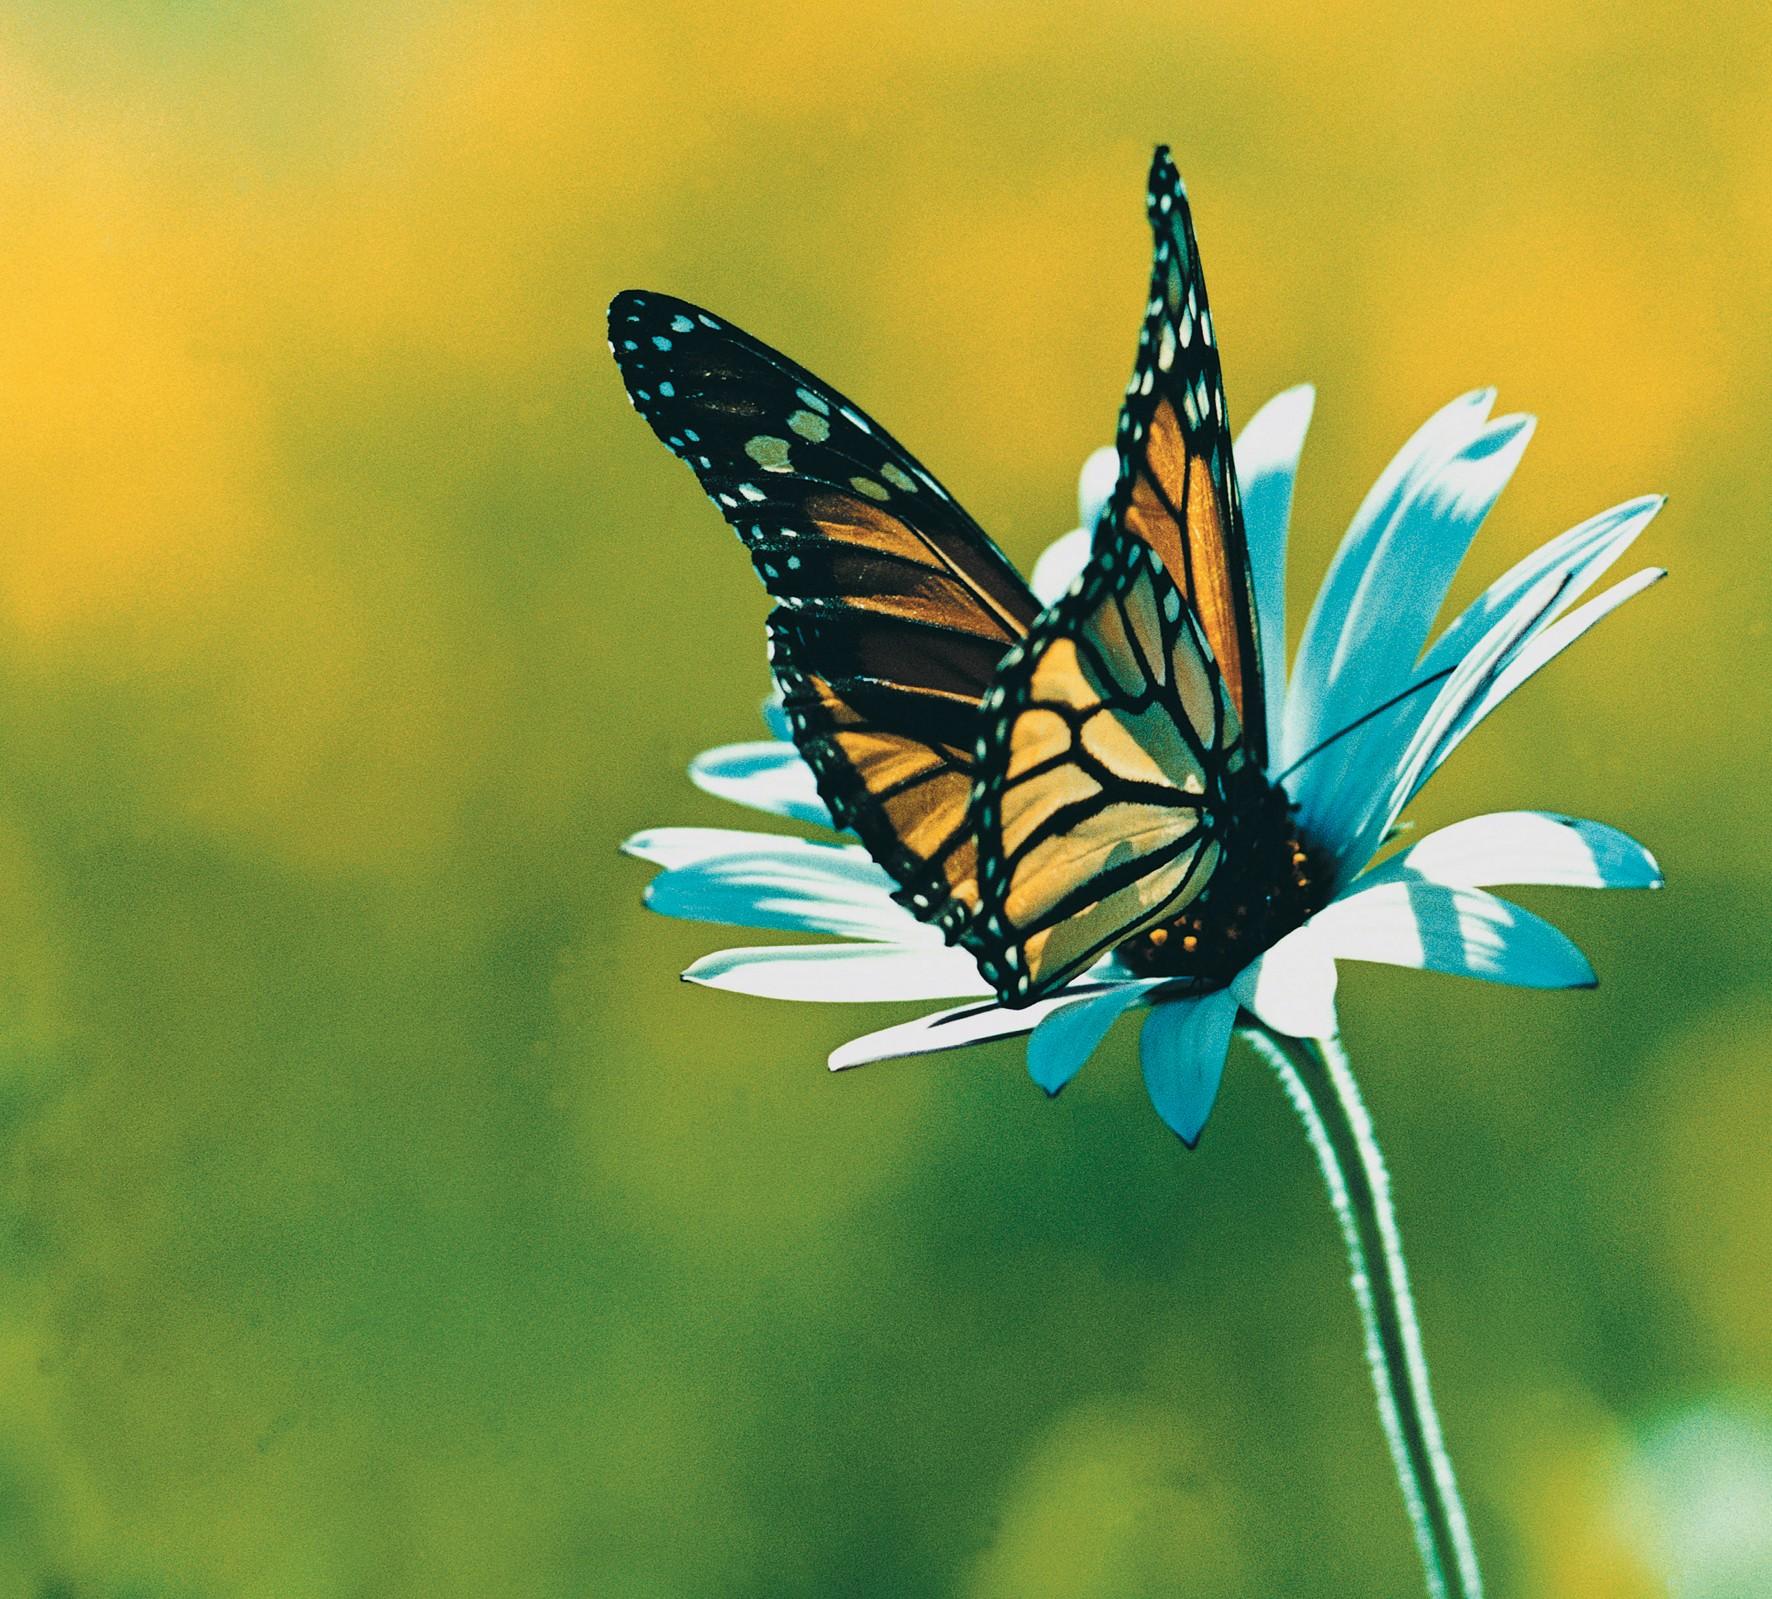 Farfalla domodama - Immagini di farfalle a colori ...